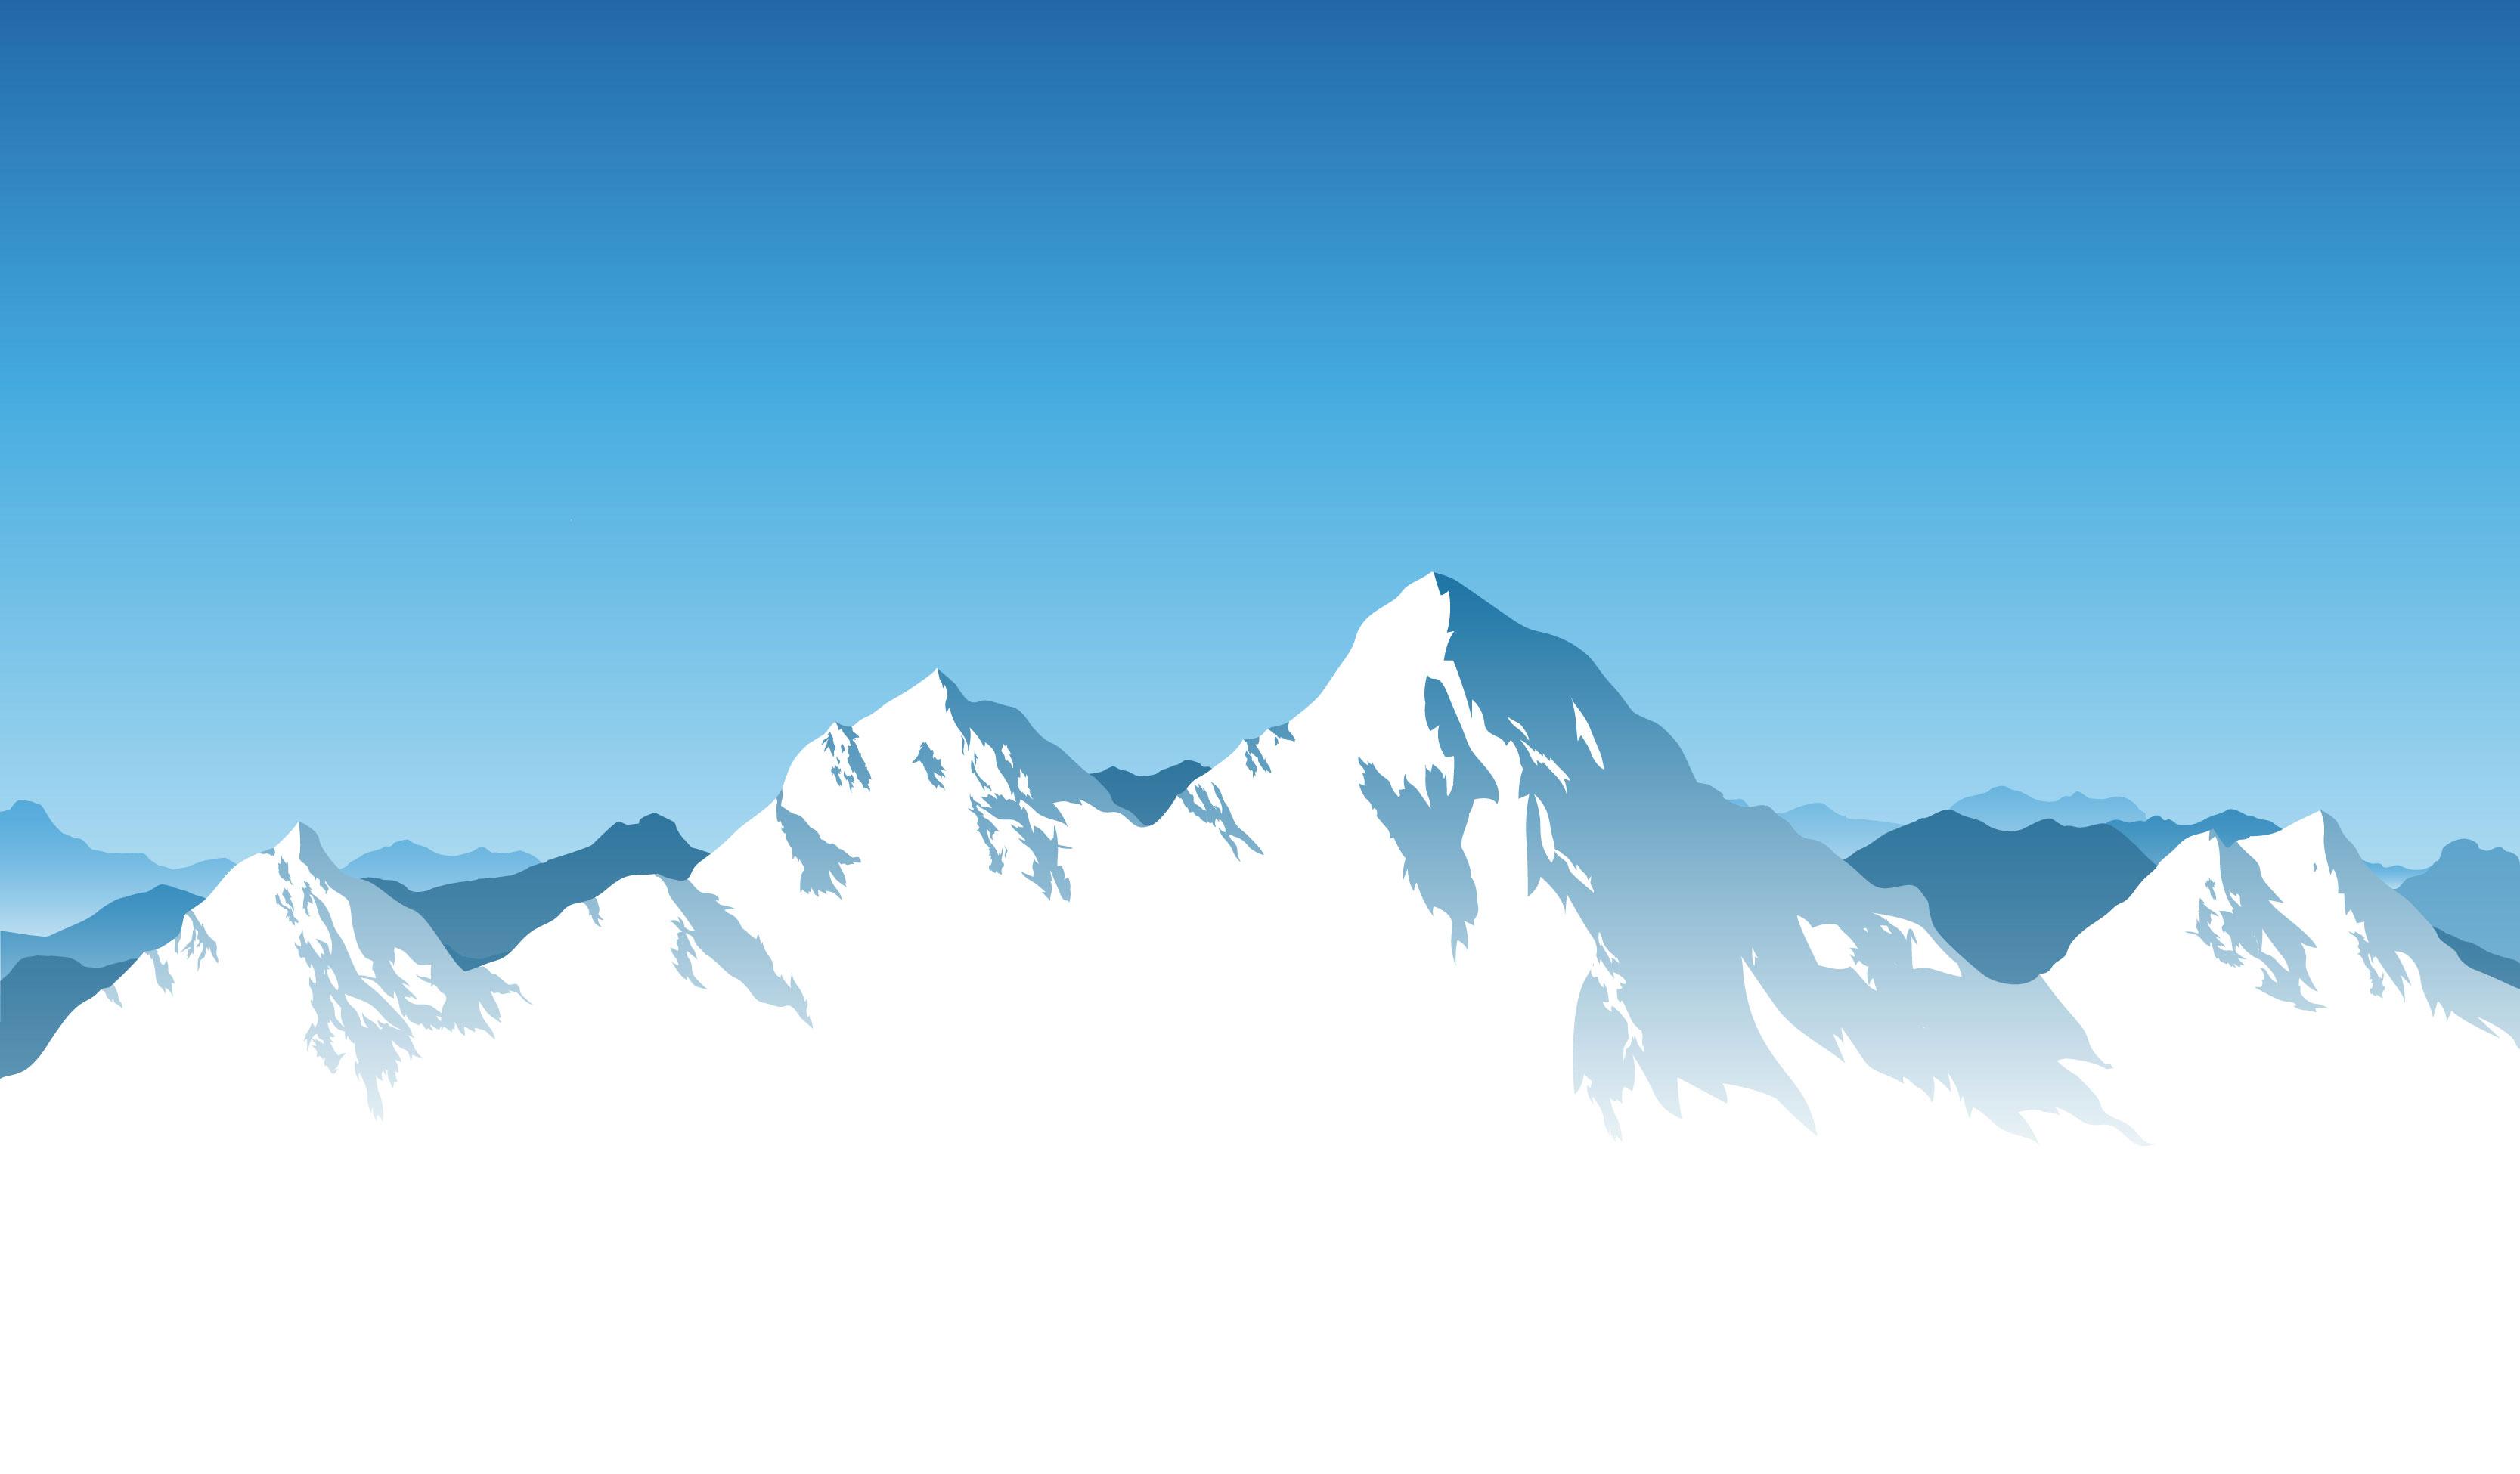 冬のイラストno209雪山連峰無料のフリー素材集花鳥風月